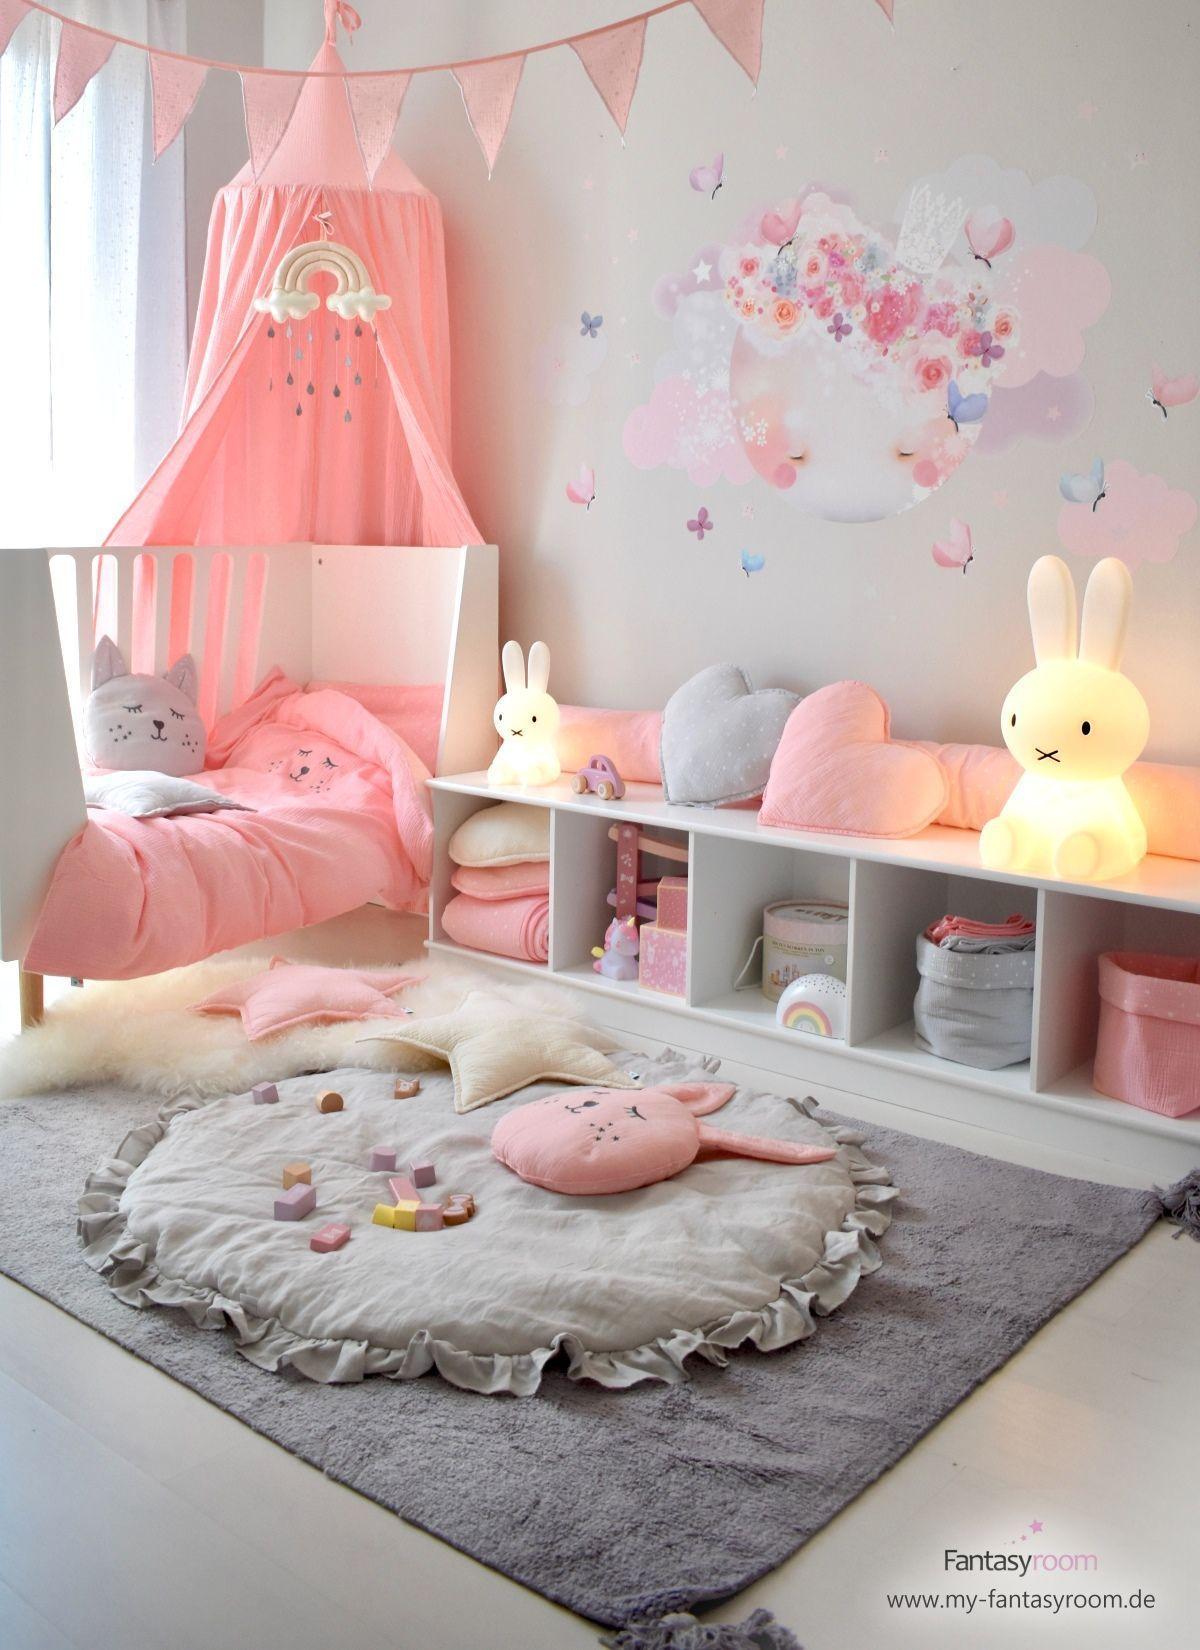 Romantisches Rosa Madchenzimmer Mit Mondwand Ta Rustikales Stil Dekor In 2020 Kinderzimmer Fur Madchen Zimmer Madchen Kinder Zimmer